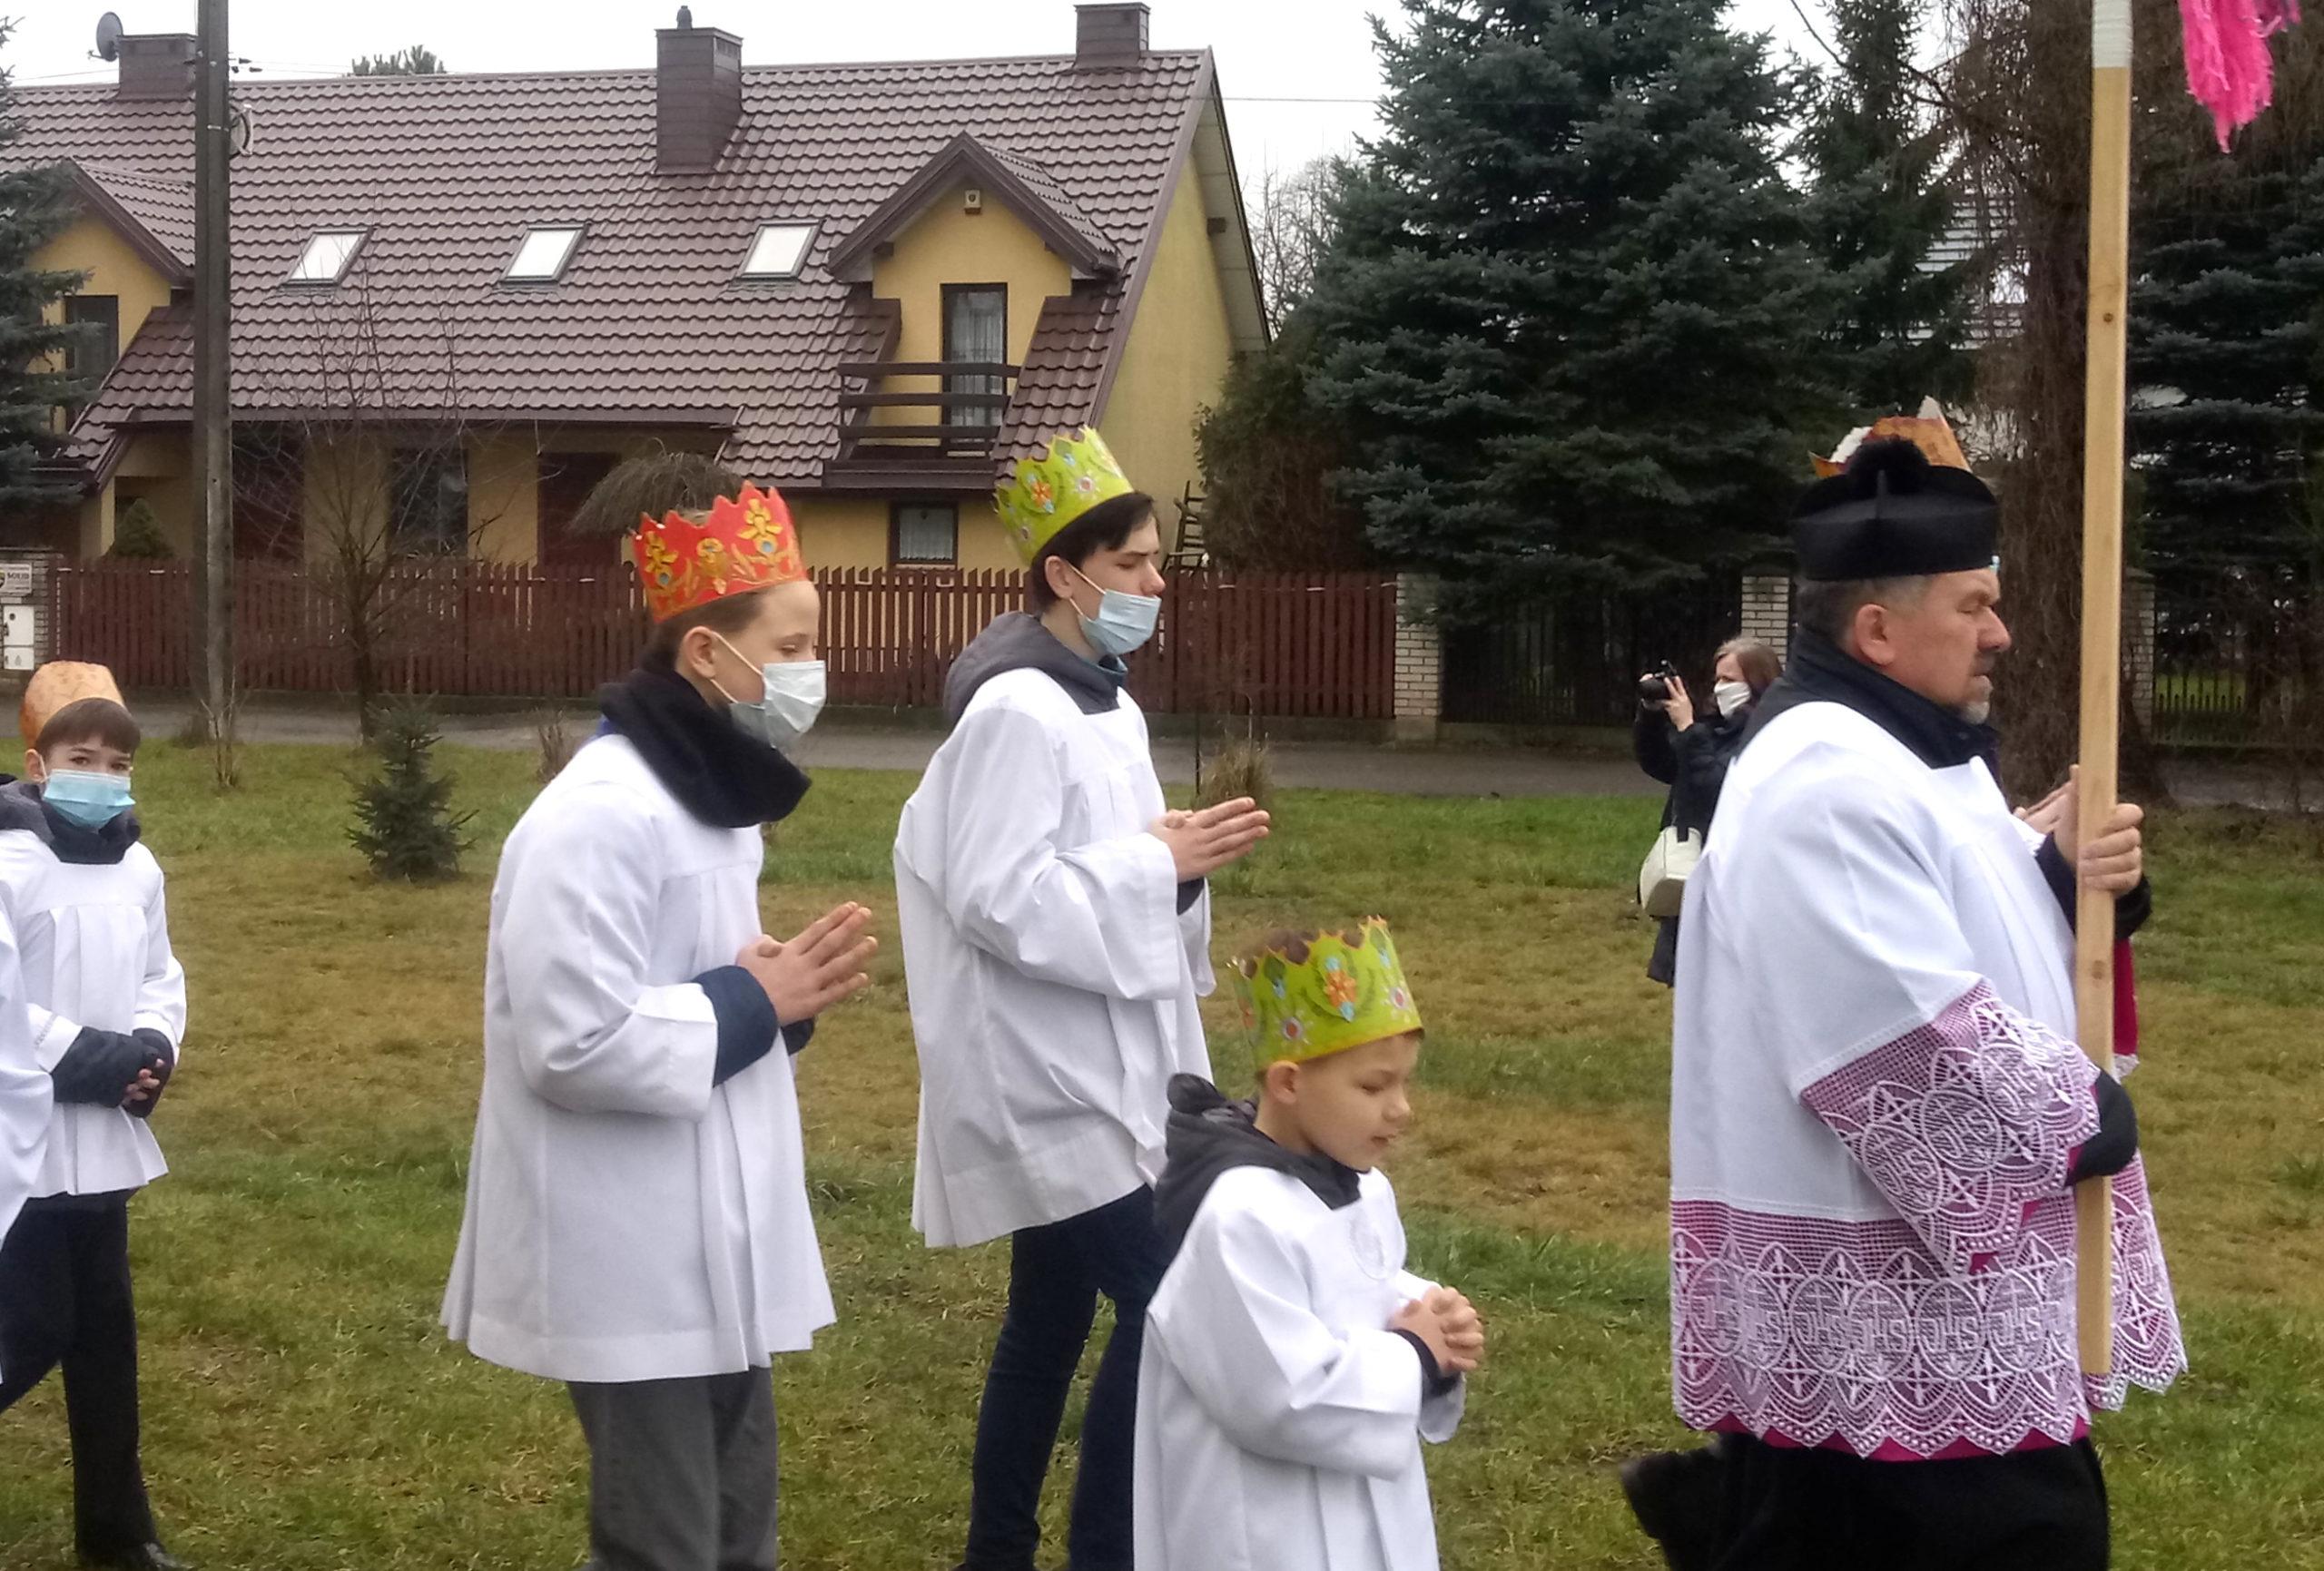 Orszak Trzech Króli tradycyjnie przemaszerował ulicami Zakrętu